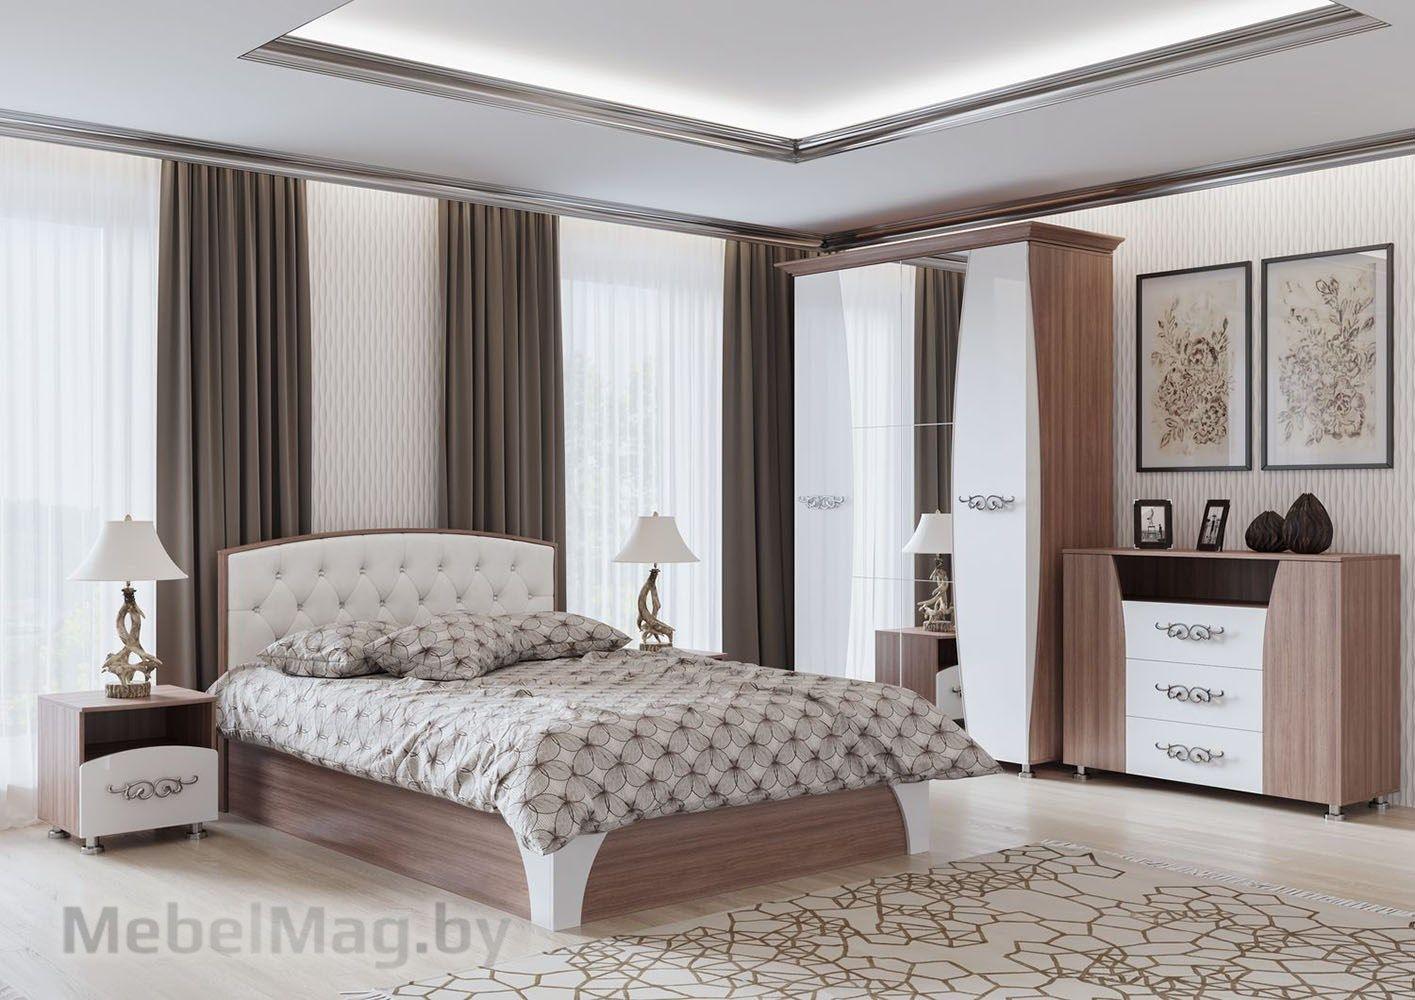 Спальня Лагуна 7 - набор 2